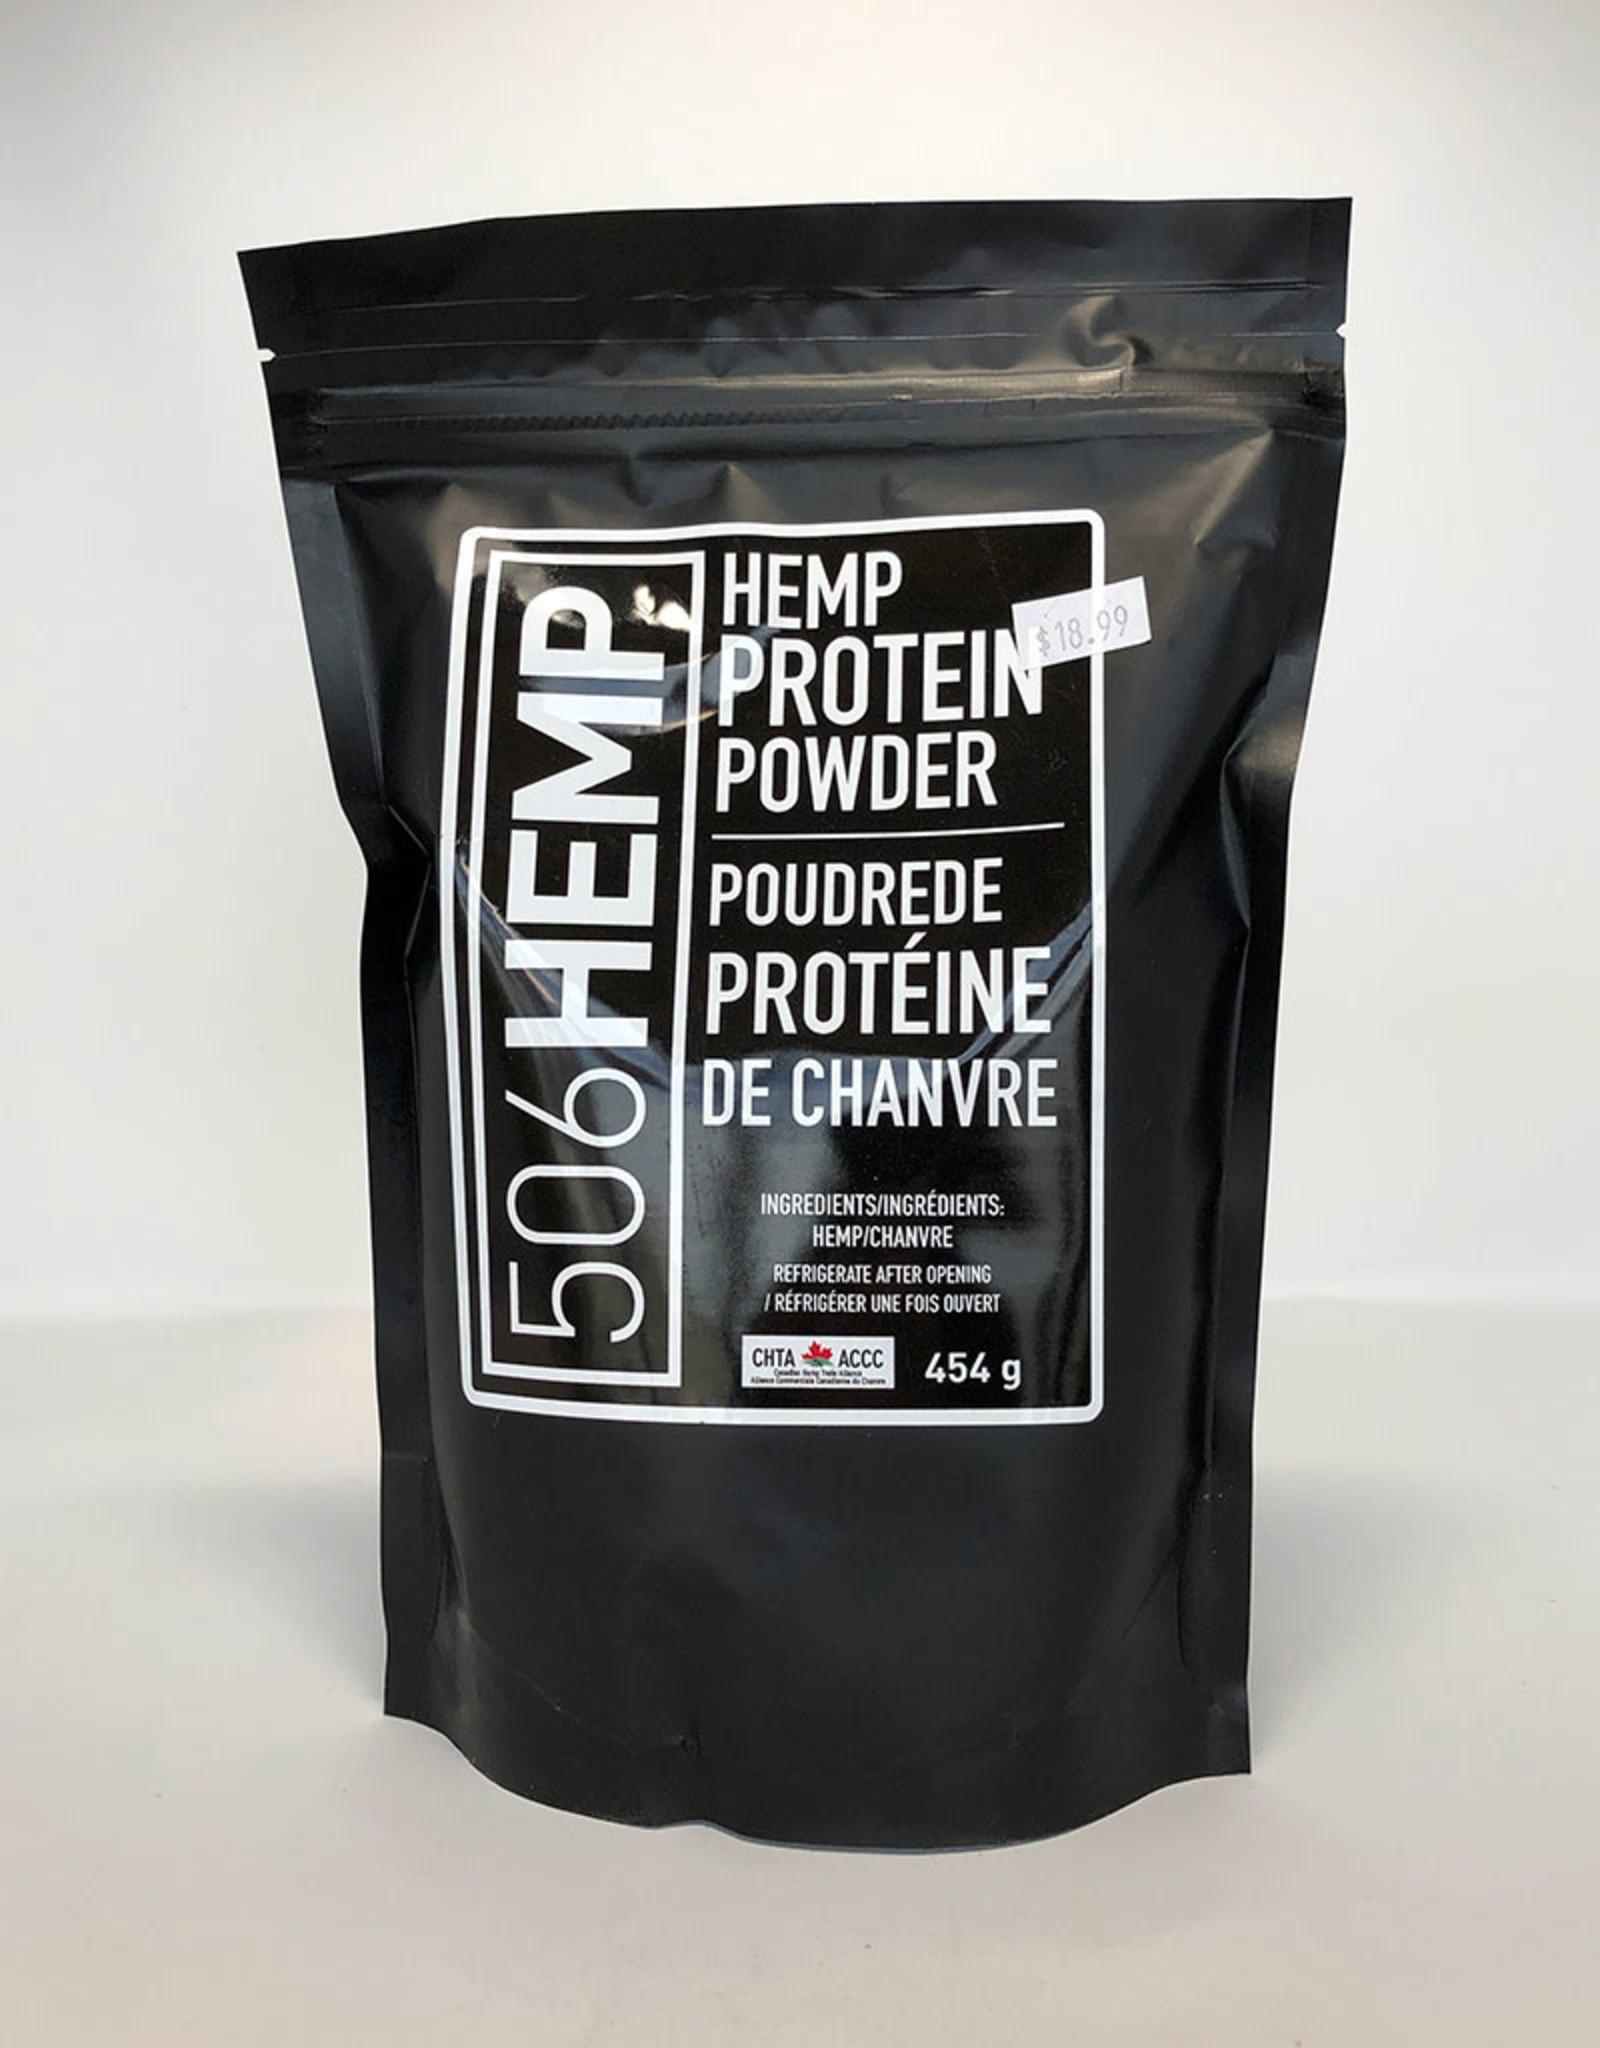 506Hemp 506Hemp - Hemp Protein Powder (454g)